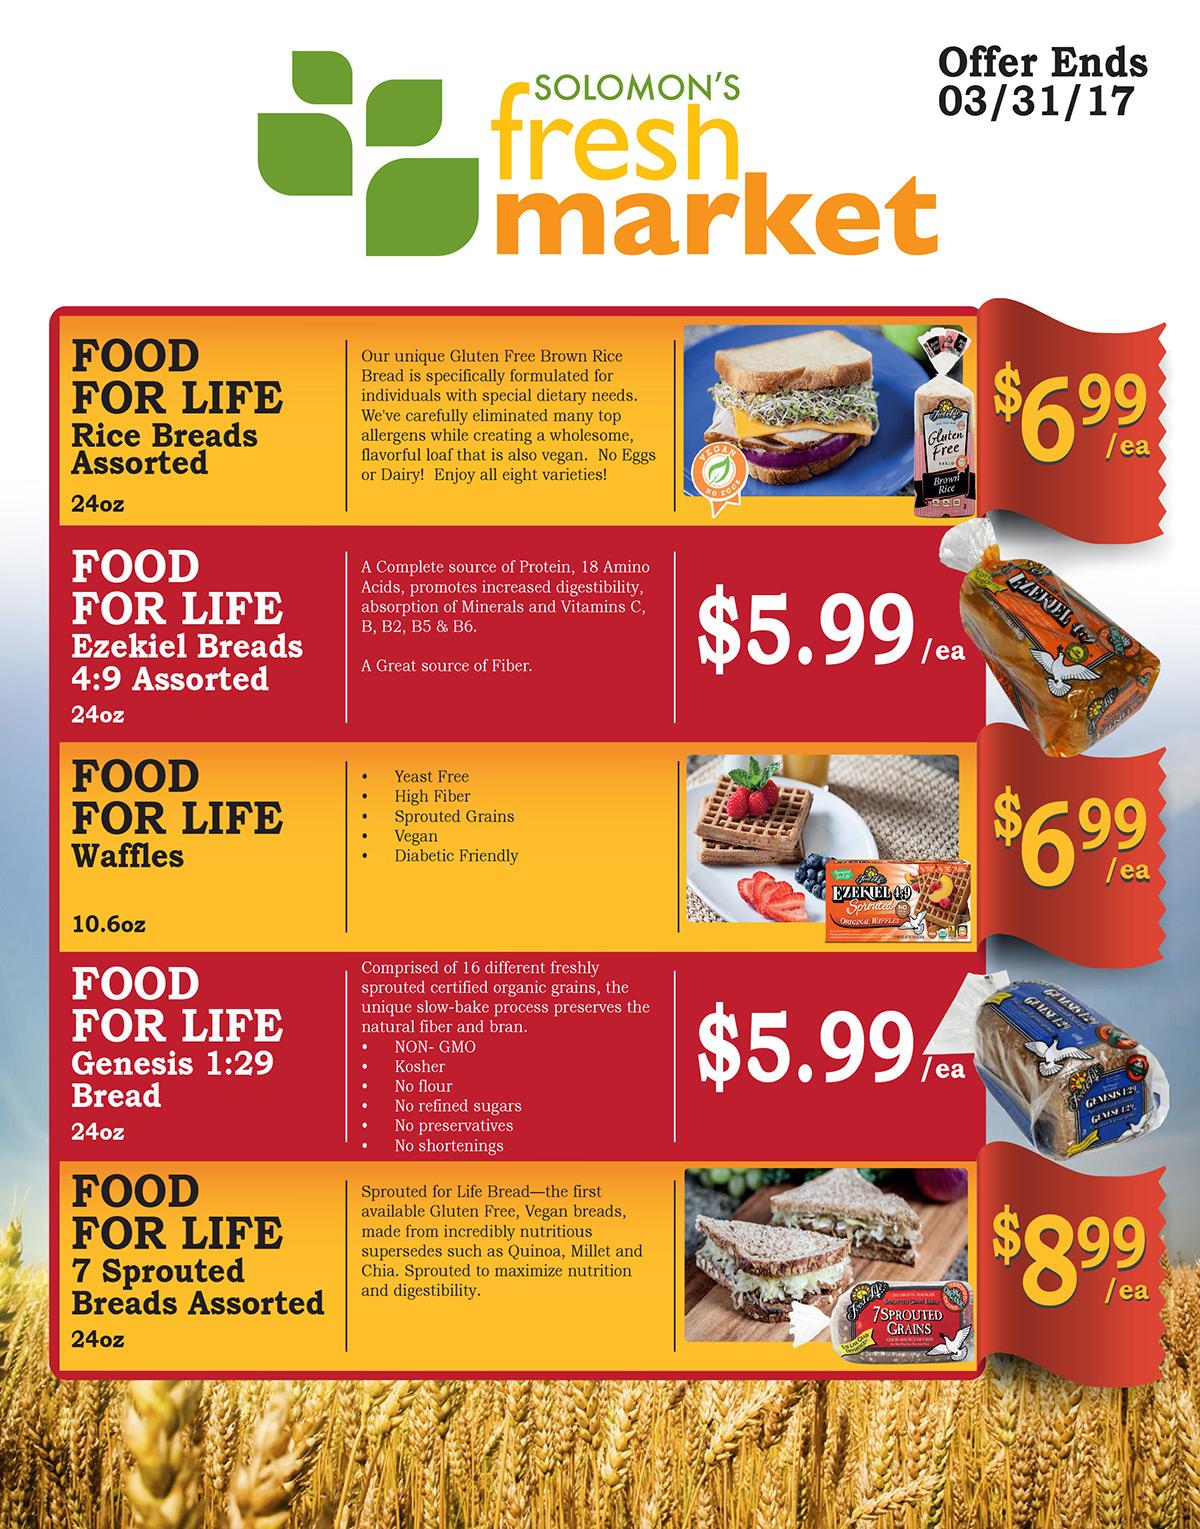 Health Food Market In Nassau